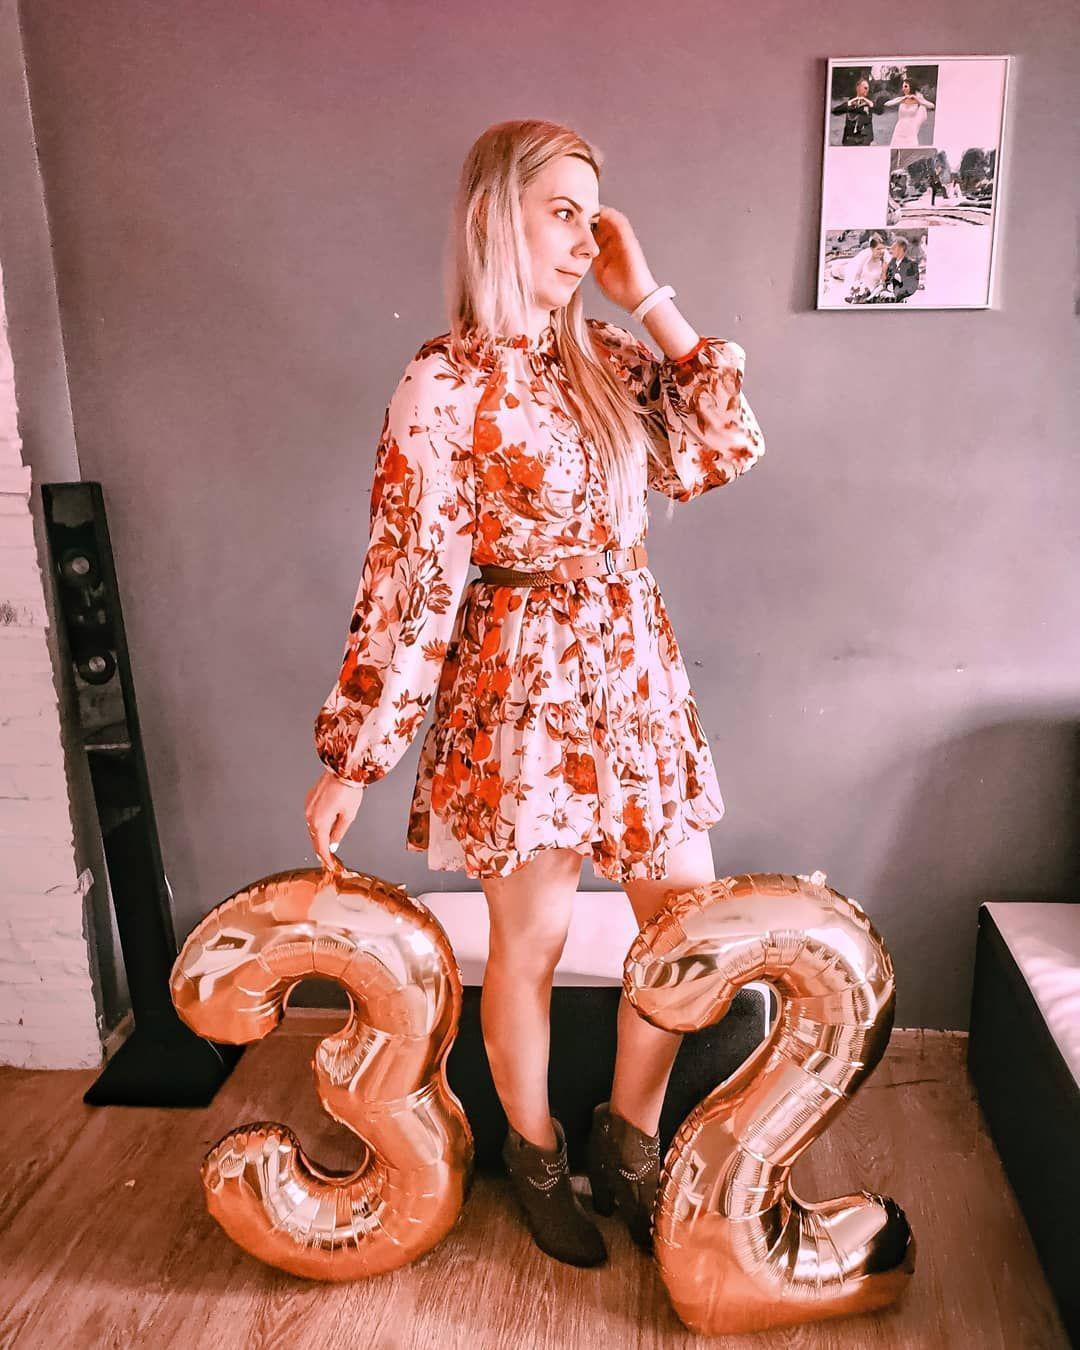 Ok... Ok.... koniec spamu nr 32 Ale czuje że to bedzie wyjątkowy czas 💛 😉💛 życzę wam dobrej nocy 🥰 . . . . . . . . . . . #urodziny #32 #kobieta #blonde #hm #birthday #polishgirl #happybirthday #poland #polskadziewczyna #girl #warszawa #dziewczyna #ootd #love #warsaw #woman #instagood #polskakobieta #blondehair #fashion #party #fitness #me #photooftheday #tort #polska #selfie #prezent #roczek